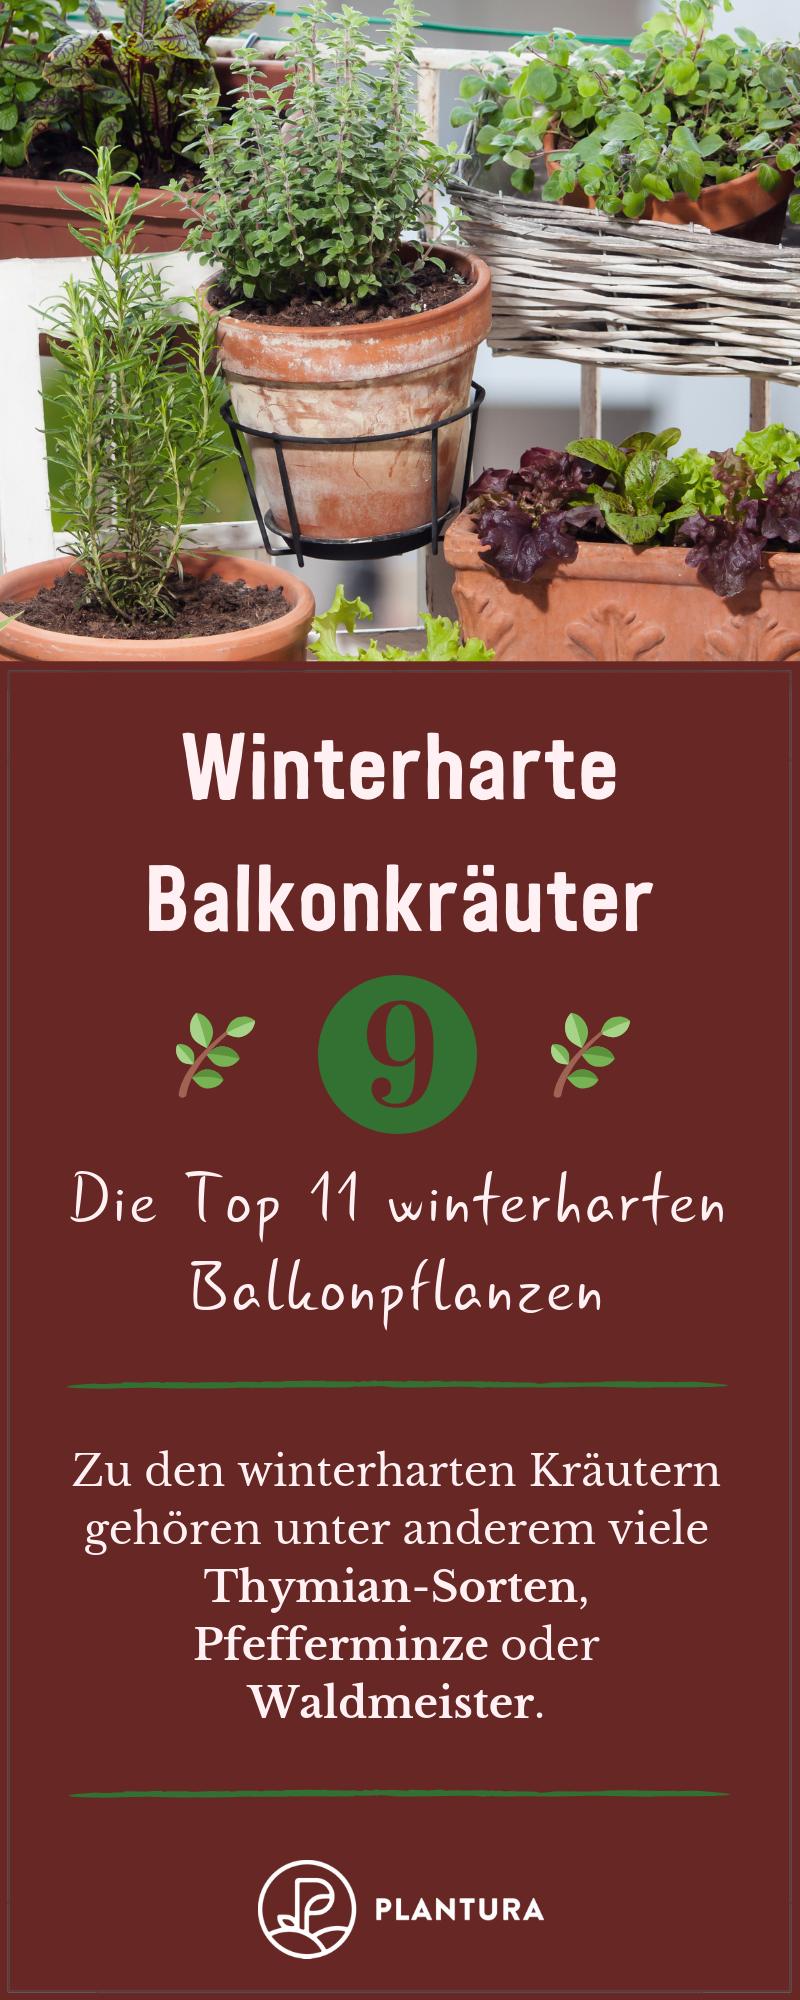 Die Top 11 winterharten Balkonpflanzen  Winterharte Balkonkräuter Viele winterharte Kräuter wie Thymian Pfefferminz und Waldmeister können den Winter auf d...